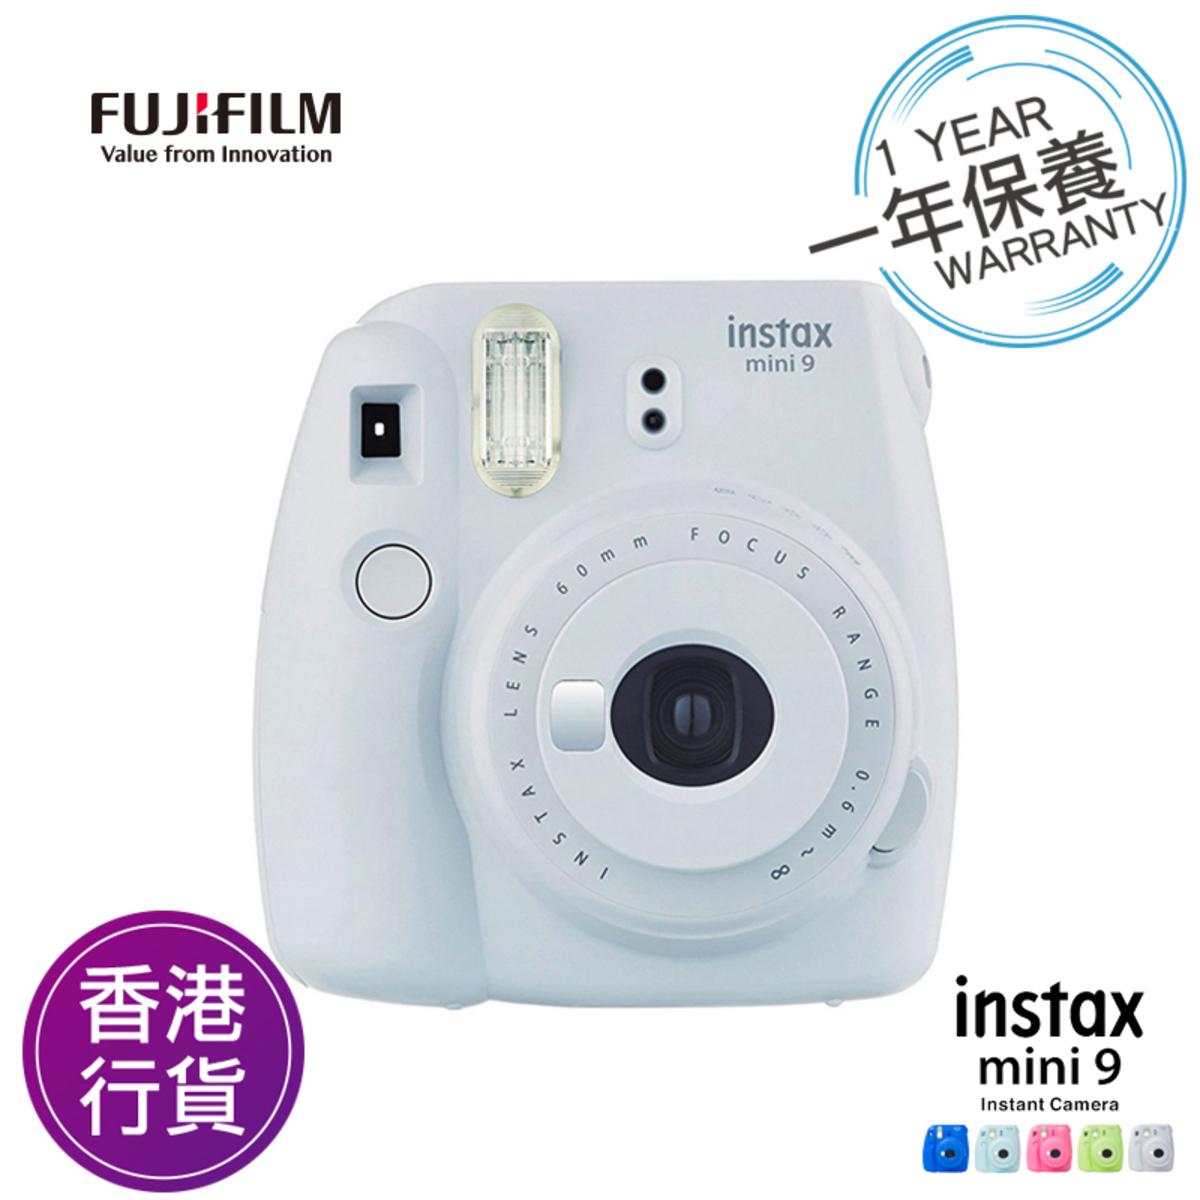 香港行貨保用一年 Fujifilm Instax mini 9 煙灰白 富士即影即有相機